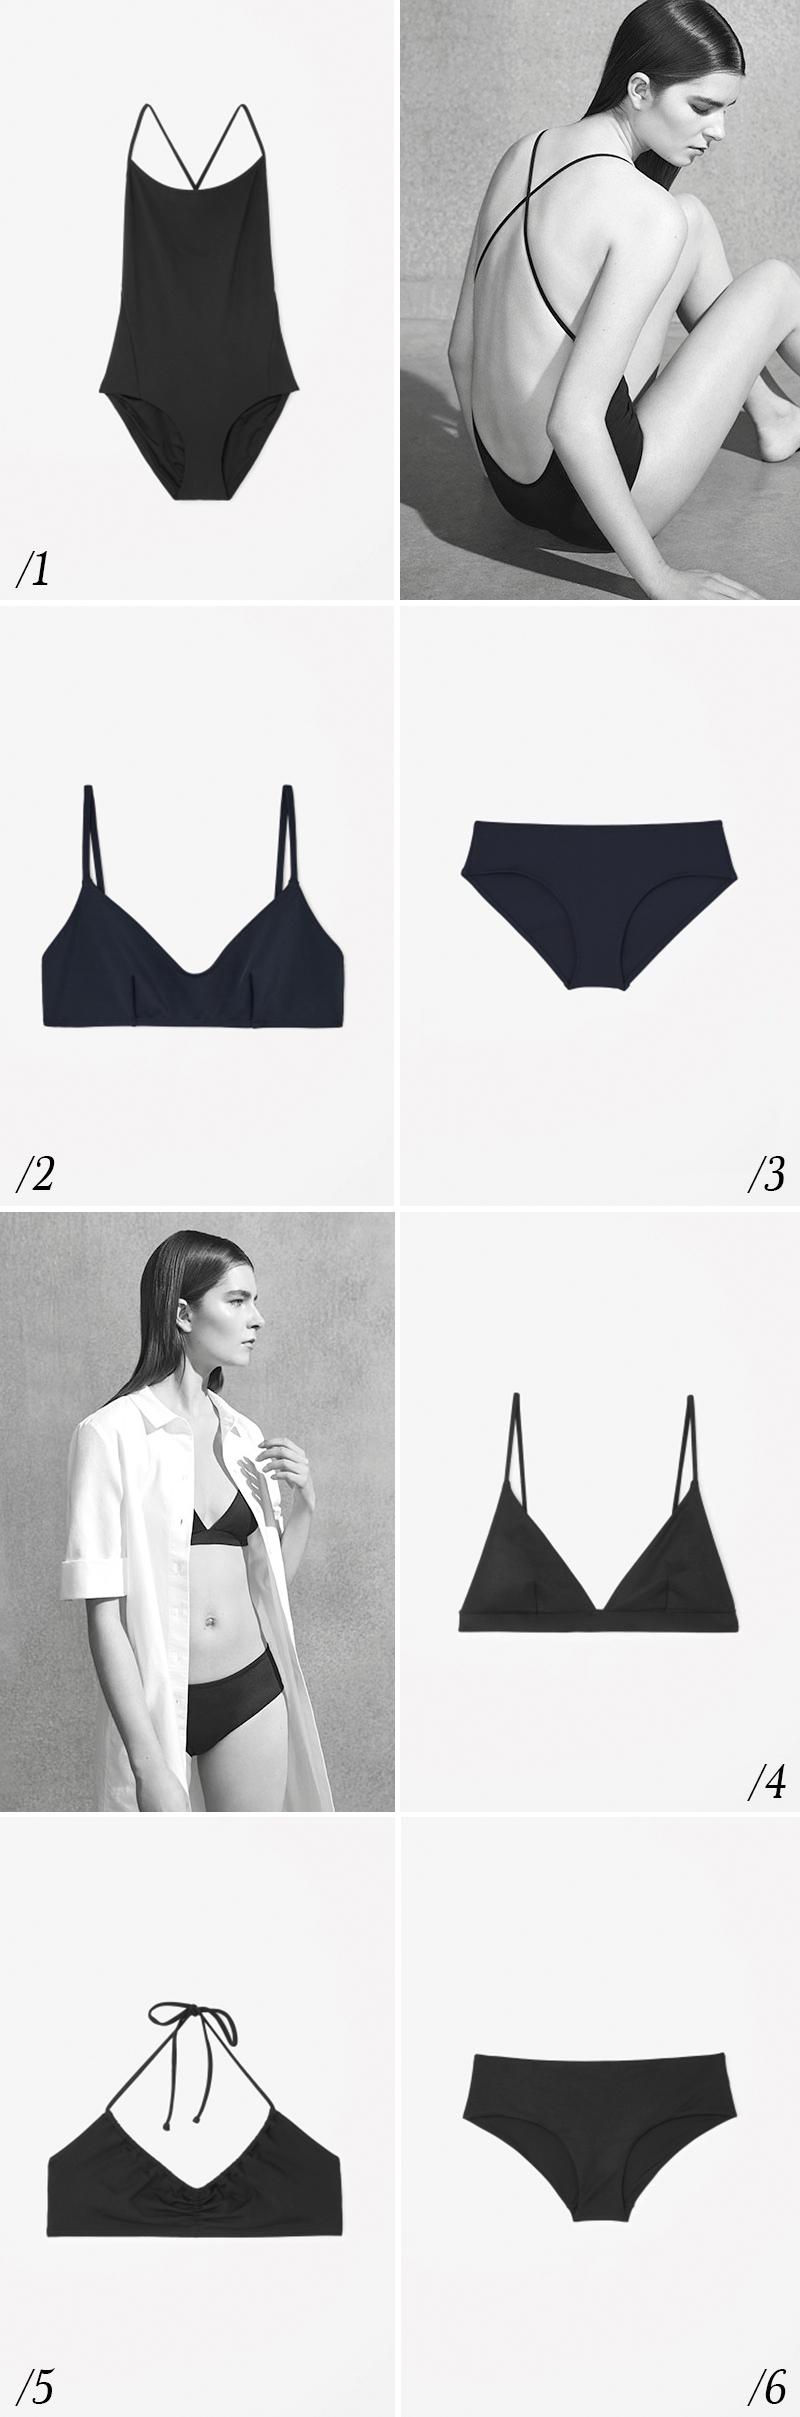 cos-swimwear